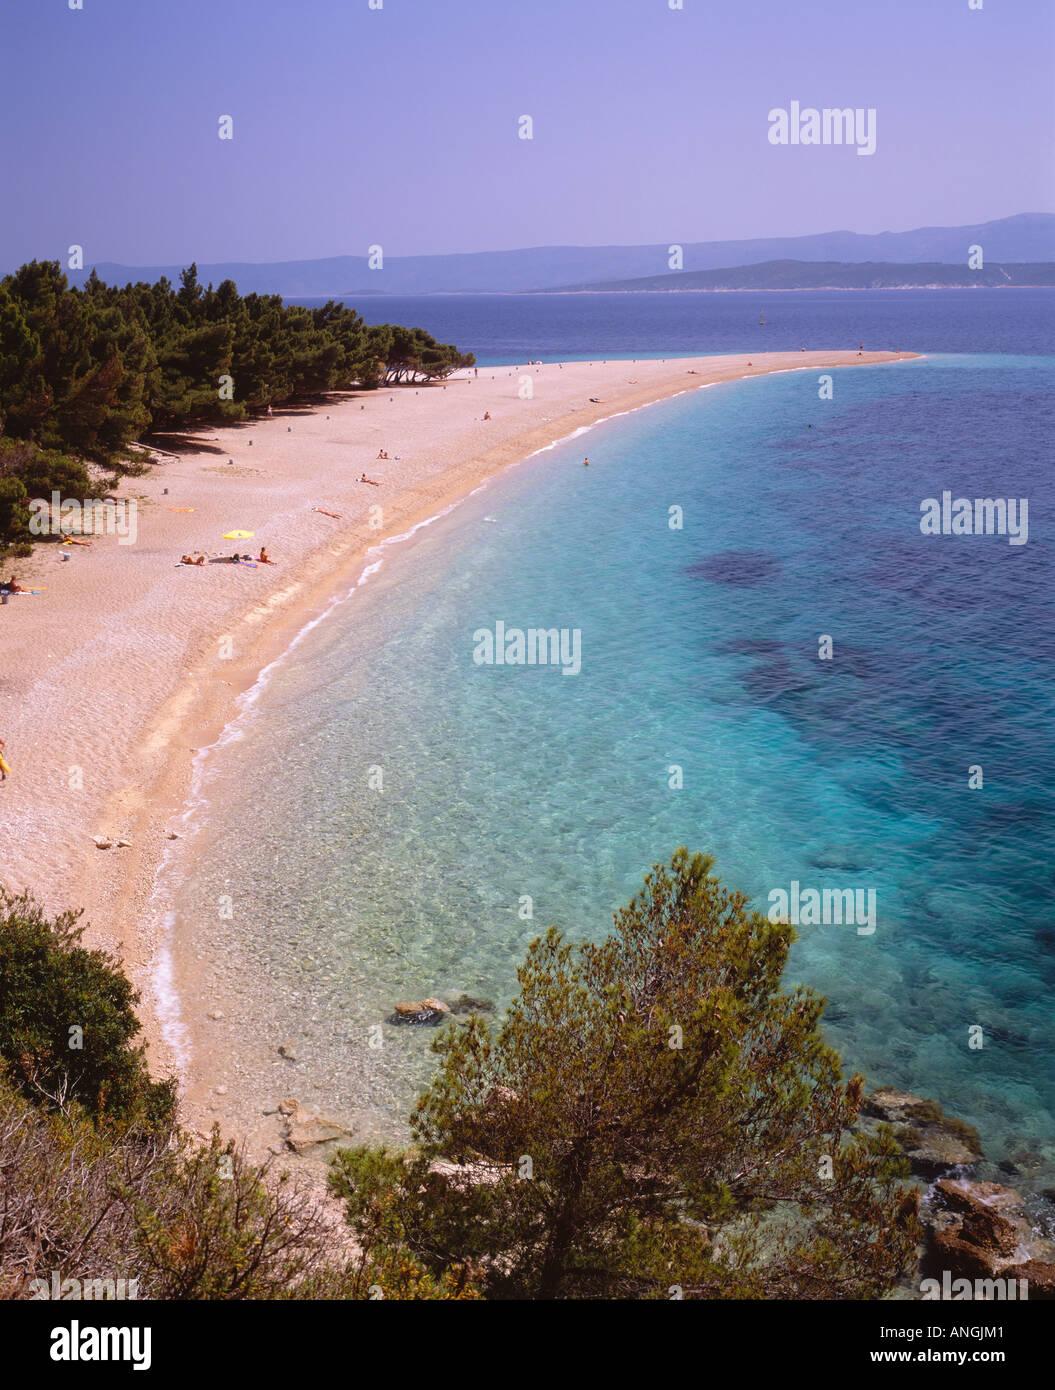 Plage de Zlatni Rat près de Bol, sur l'île de Brac, Croatie Photo Stock